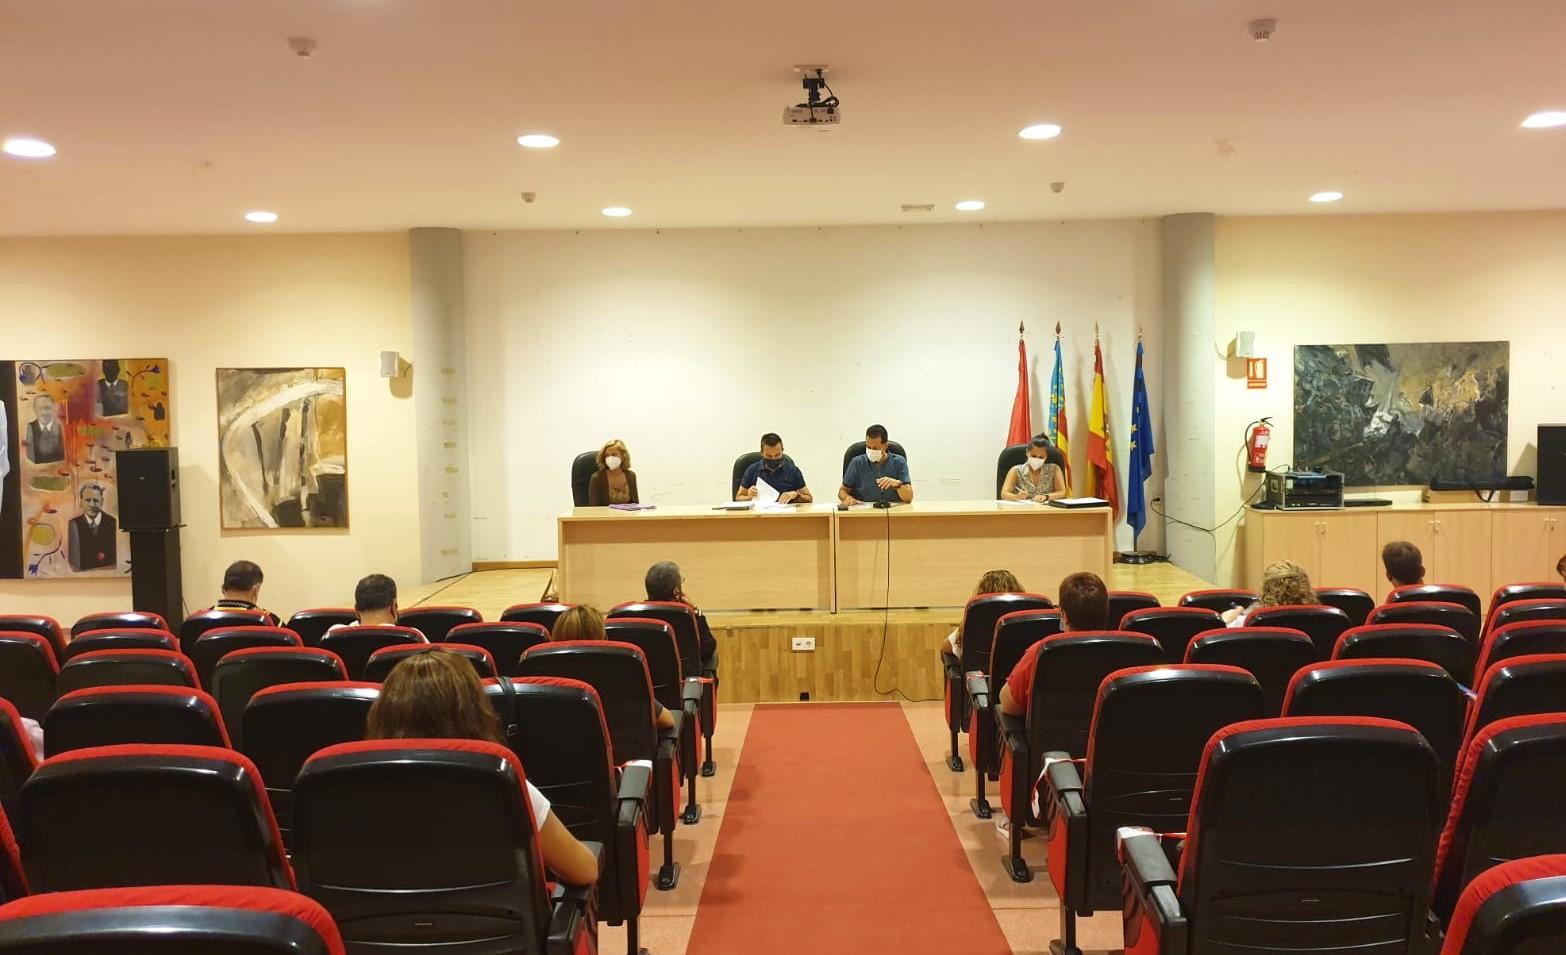 El Consejo Escolar de Elda lanza un mensaje de seguridad y tranquilidad ante el inicio del curso escolar 2020-21